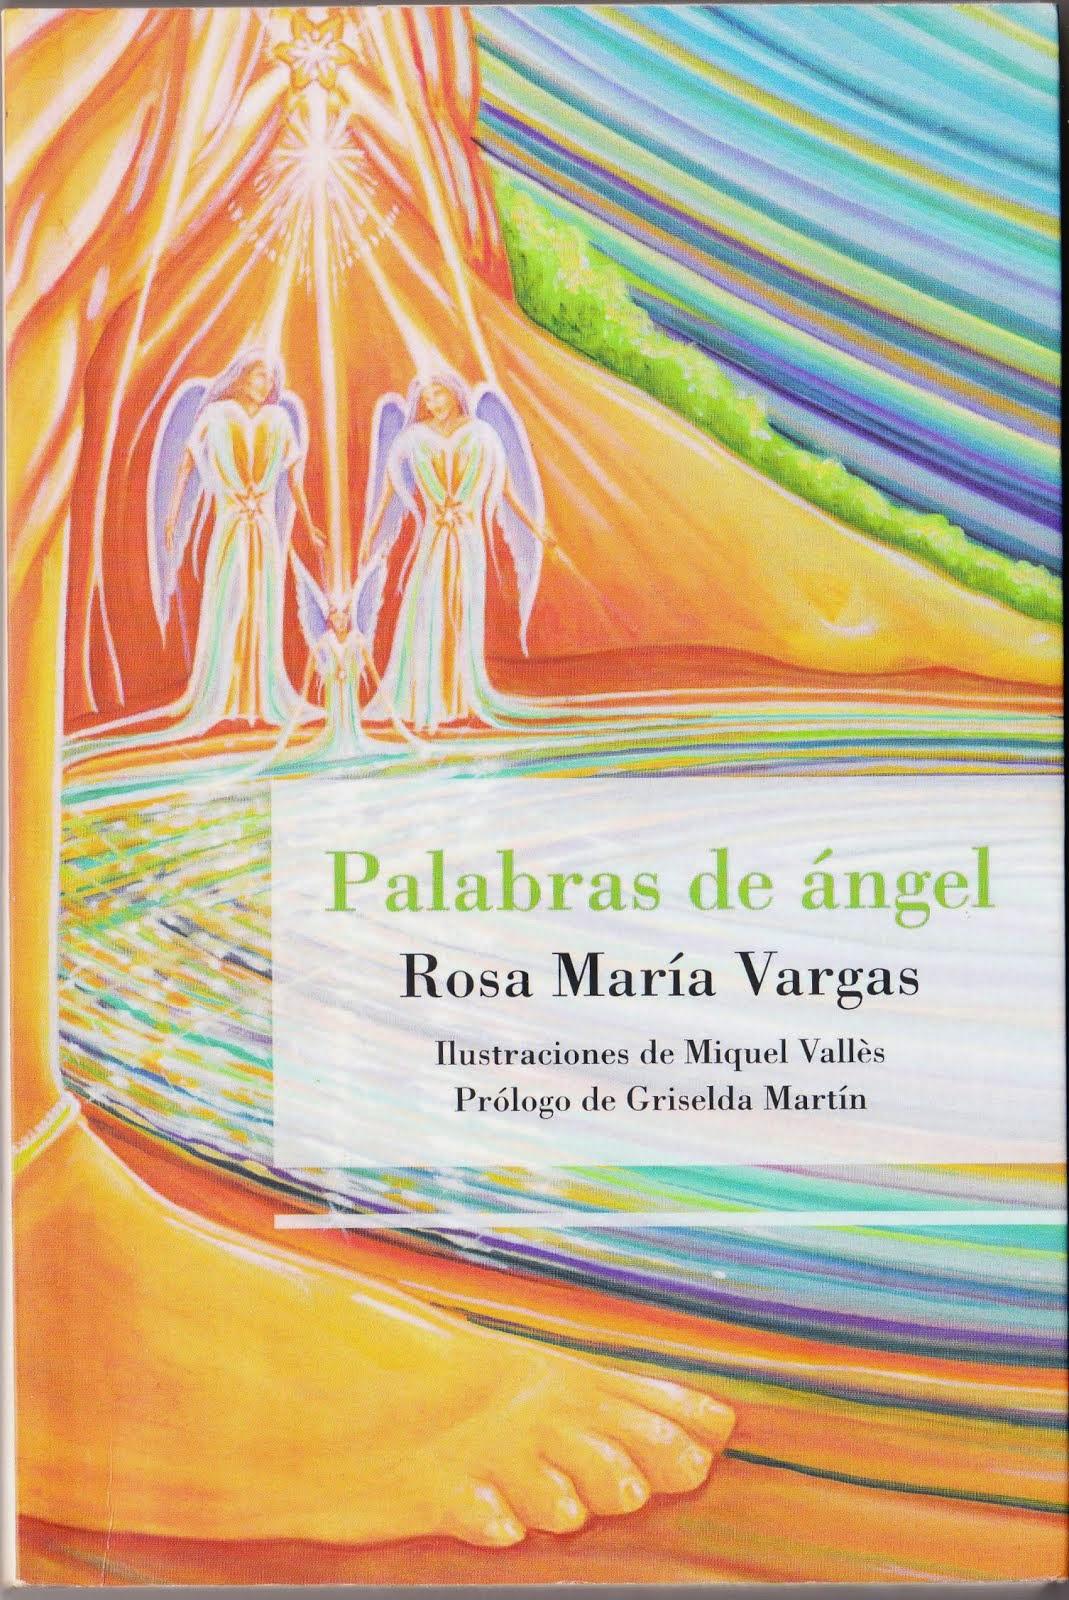 Llibres publicats pels integrants de MONTJUÏC POÈTIC:                             Rosa Maria Vargas